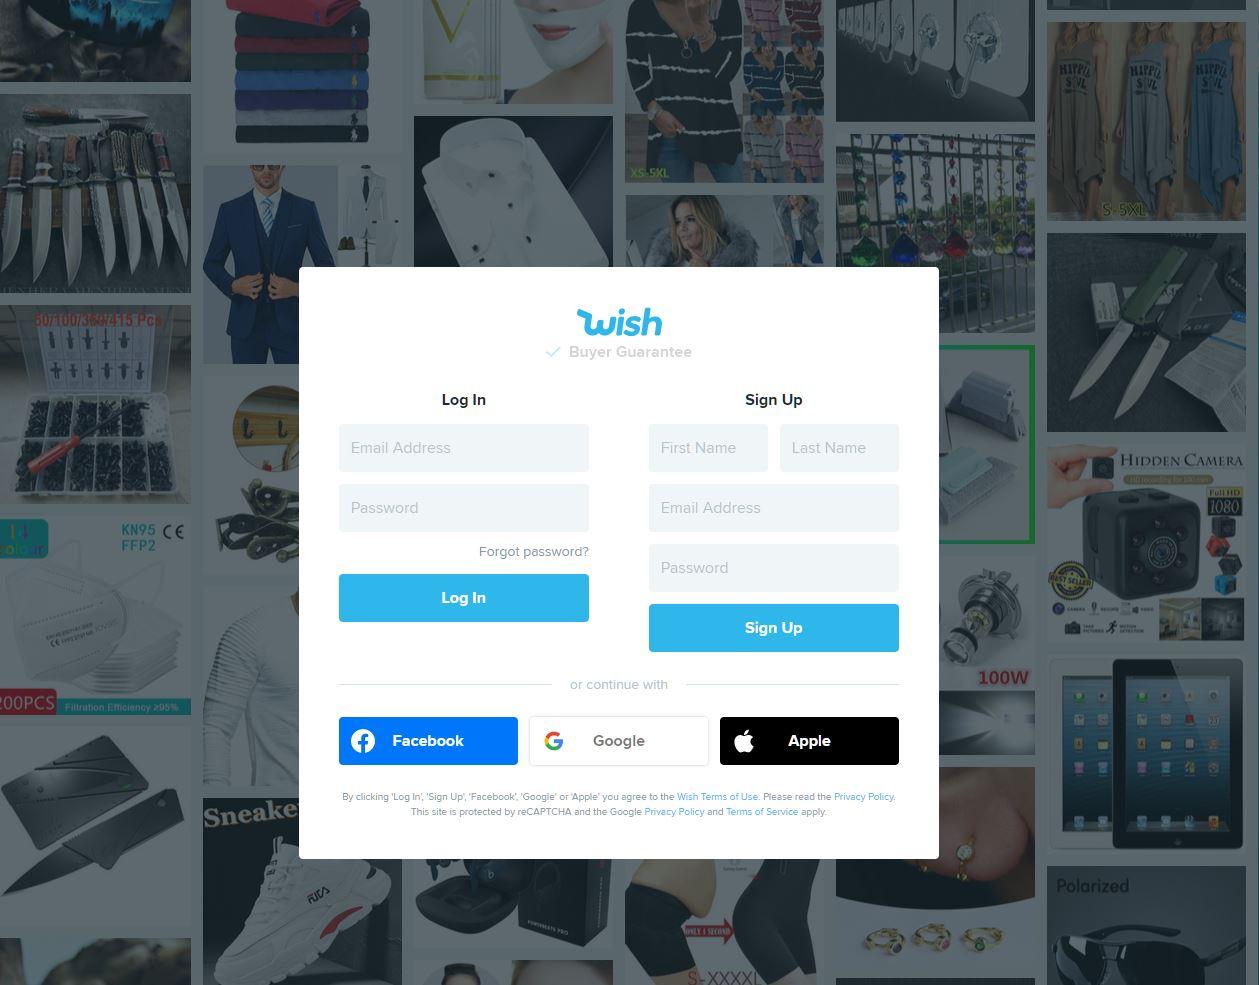 Zásilky Wish.com bez placení daně a cla